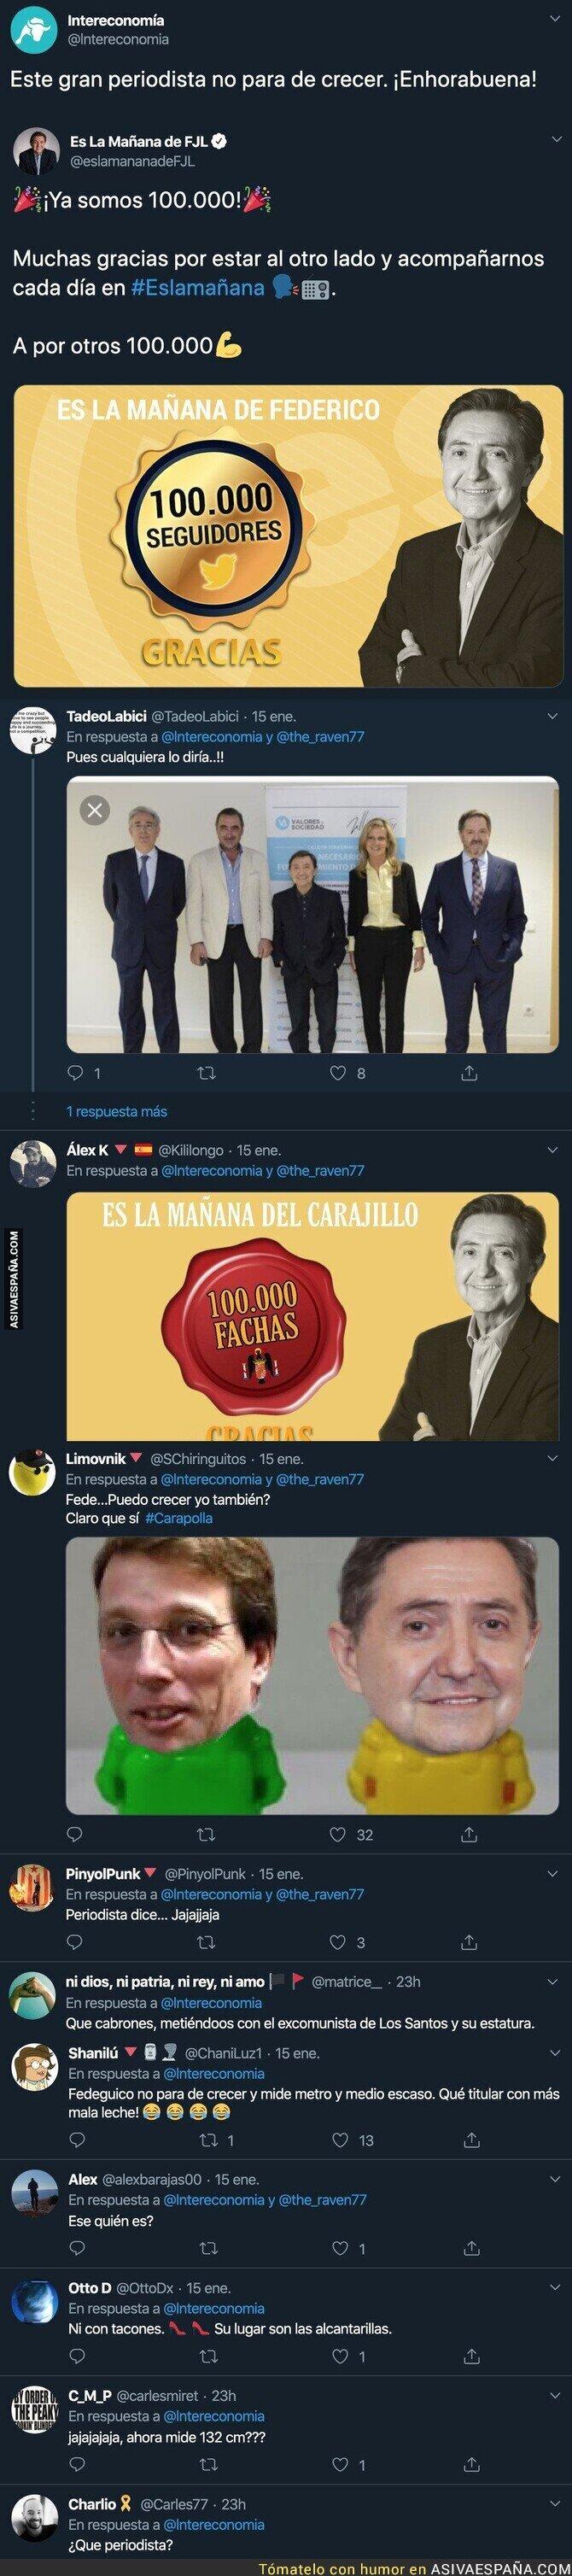 132153 - Cachondeo por este mensaje de Intereconomía felicitando a Federico Jiménez Losantos por los 100.000 seguidores